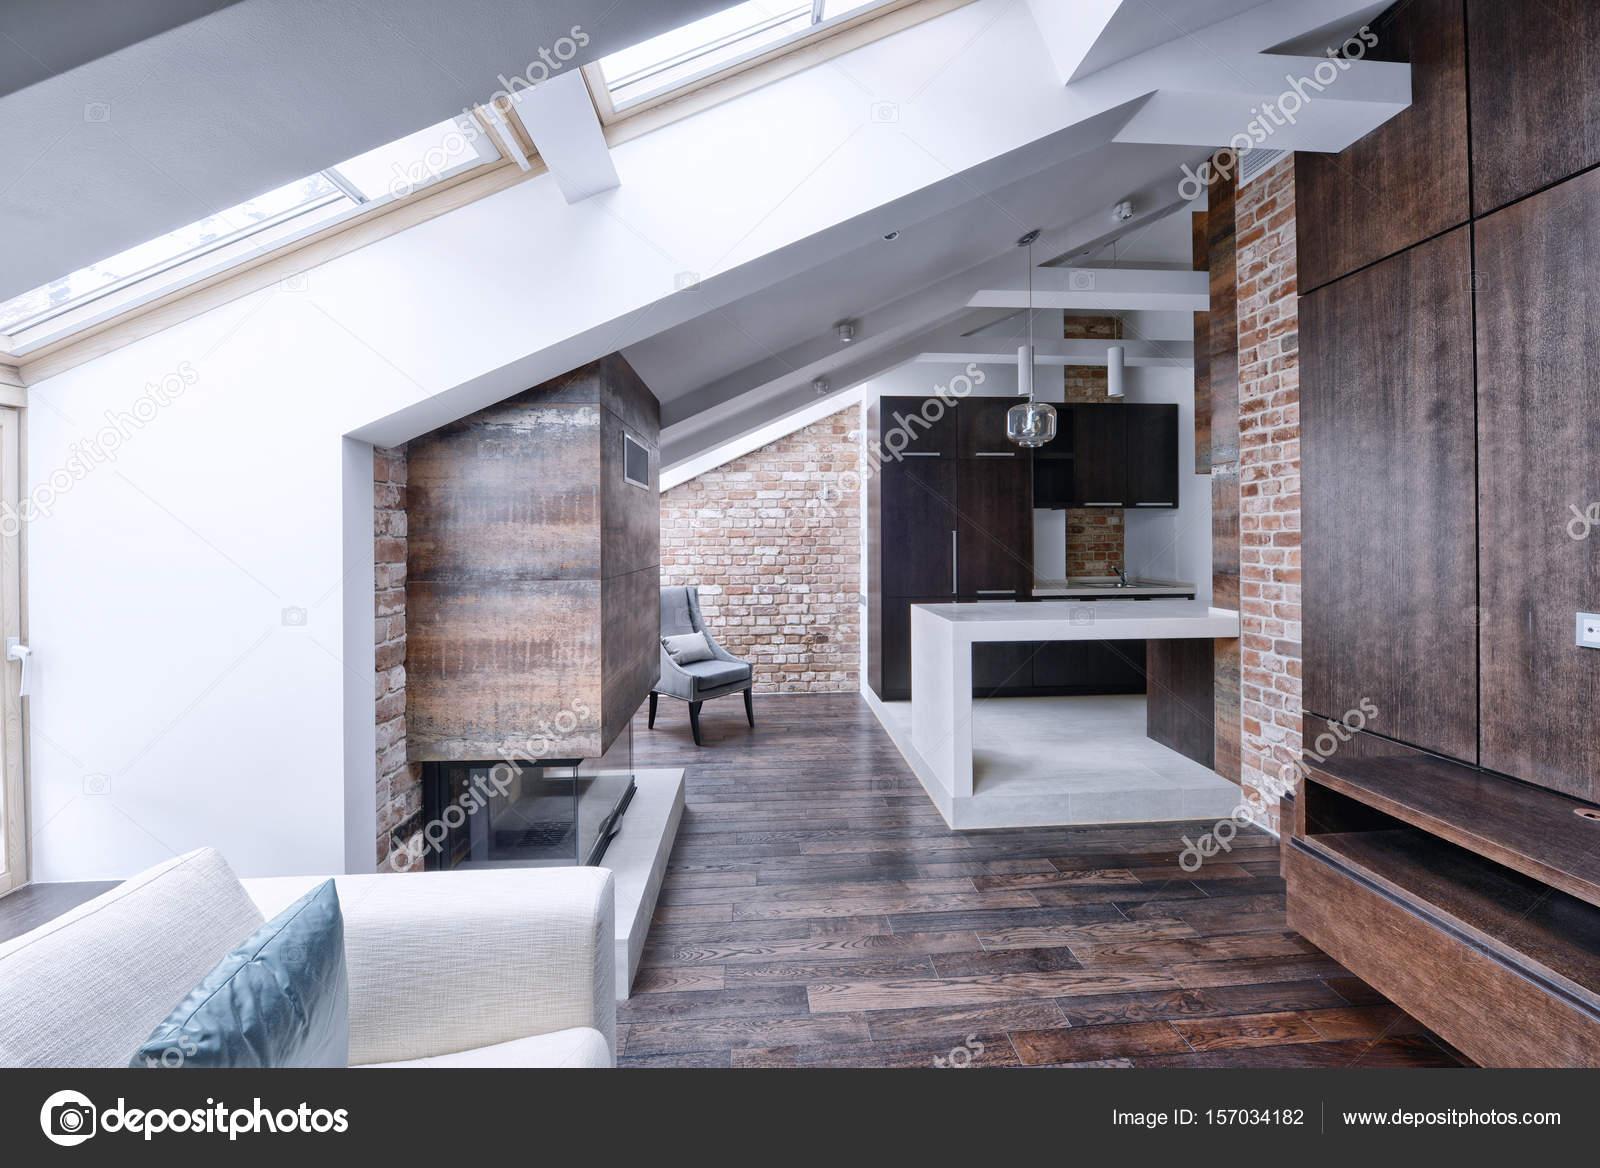 modernes appartement interieur, intérieur moderne appartement de style loft — photographie, Design ideen